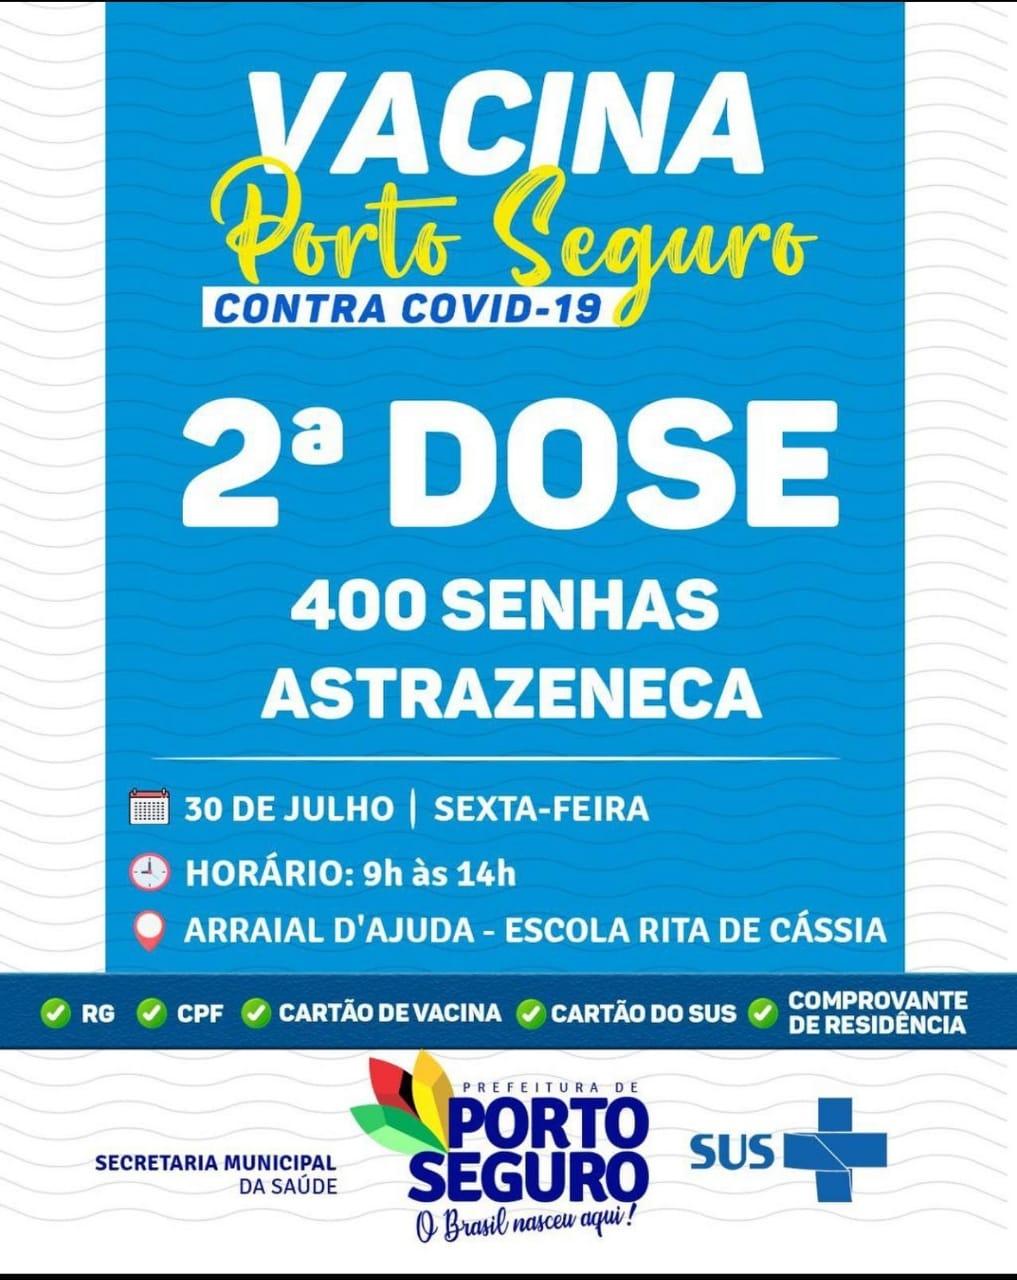 Vacina Porto Seguro contra Covid-19; cronograma de vacinação de 30 a 31 de julho 25